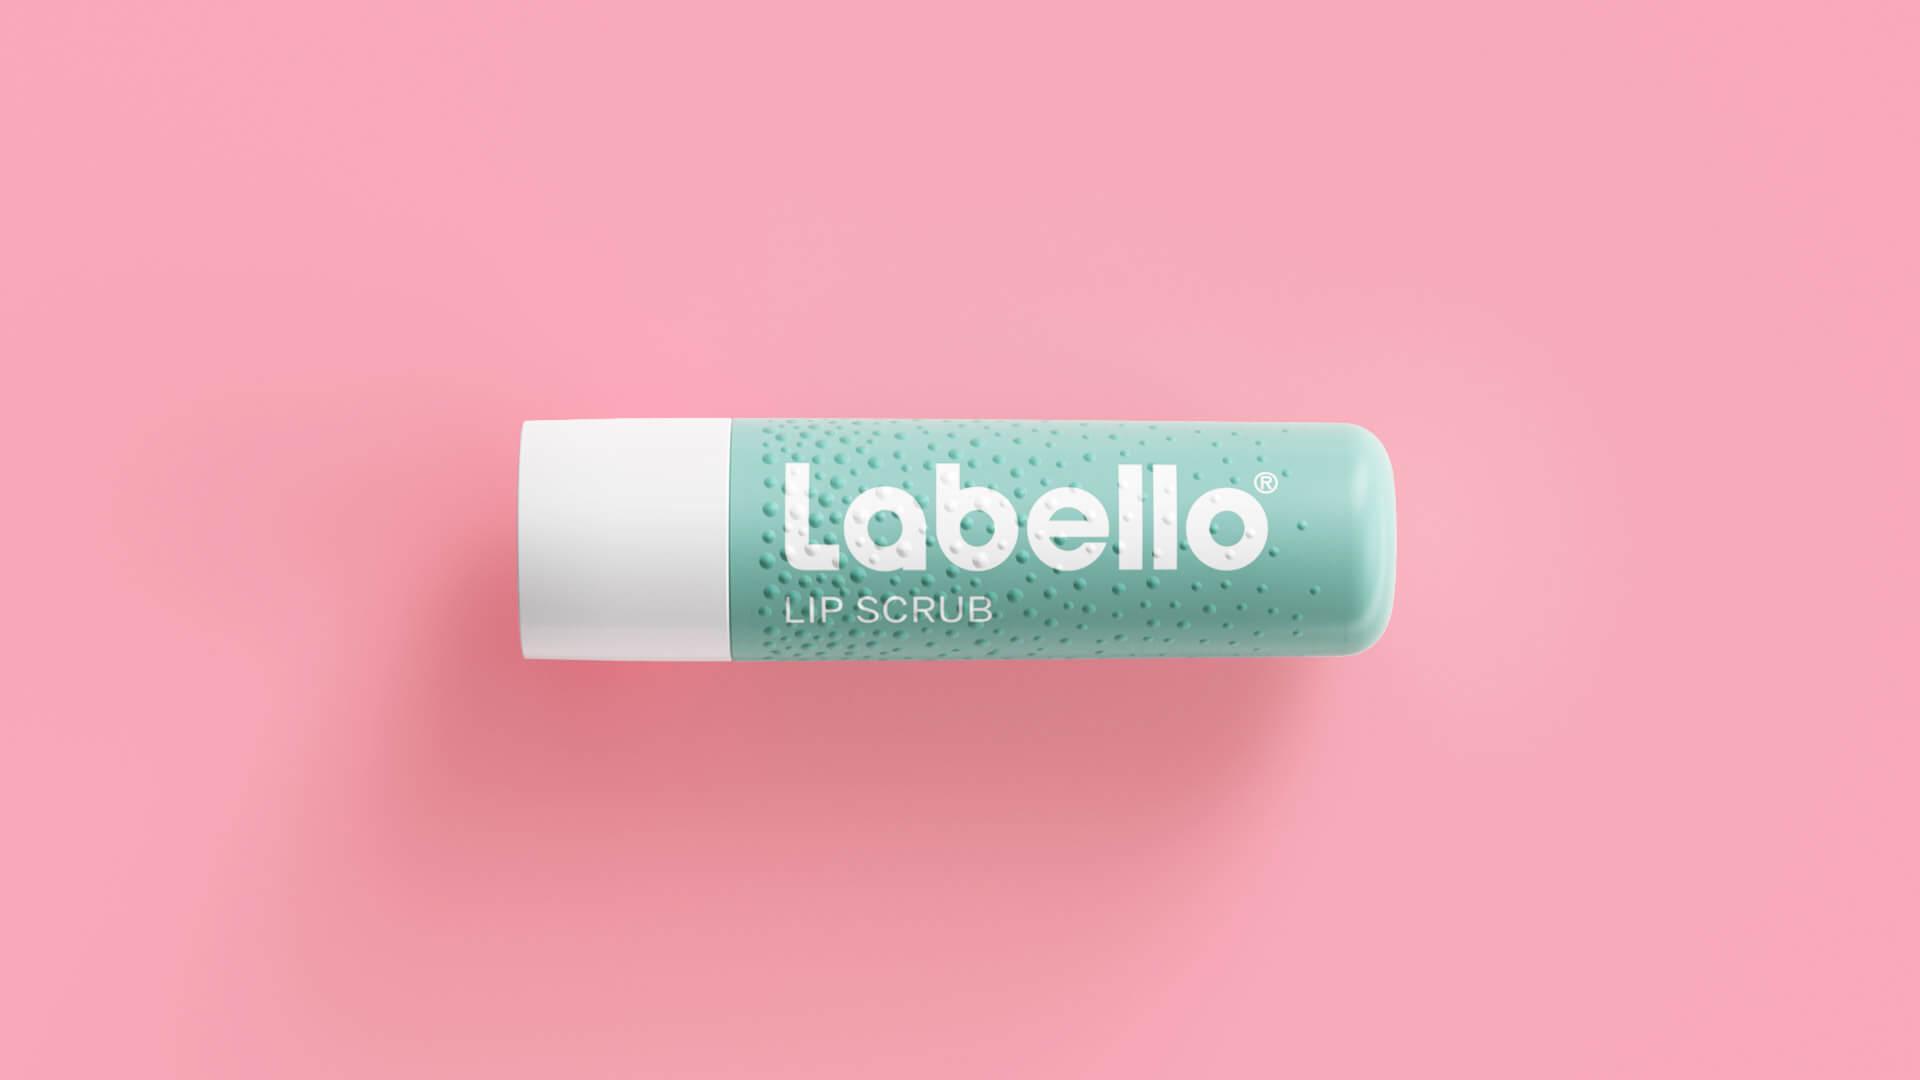 labello_scrubs_aloe_vera_02d9fa